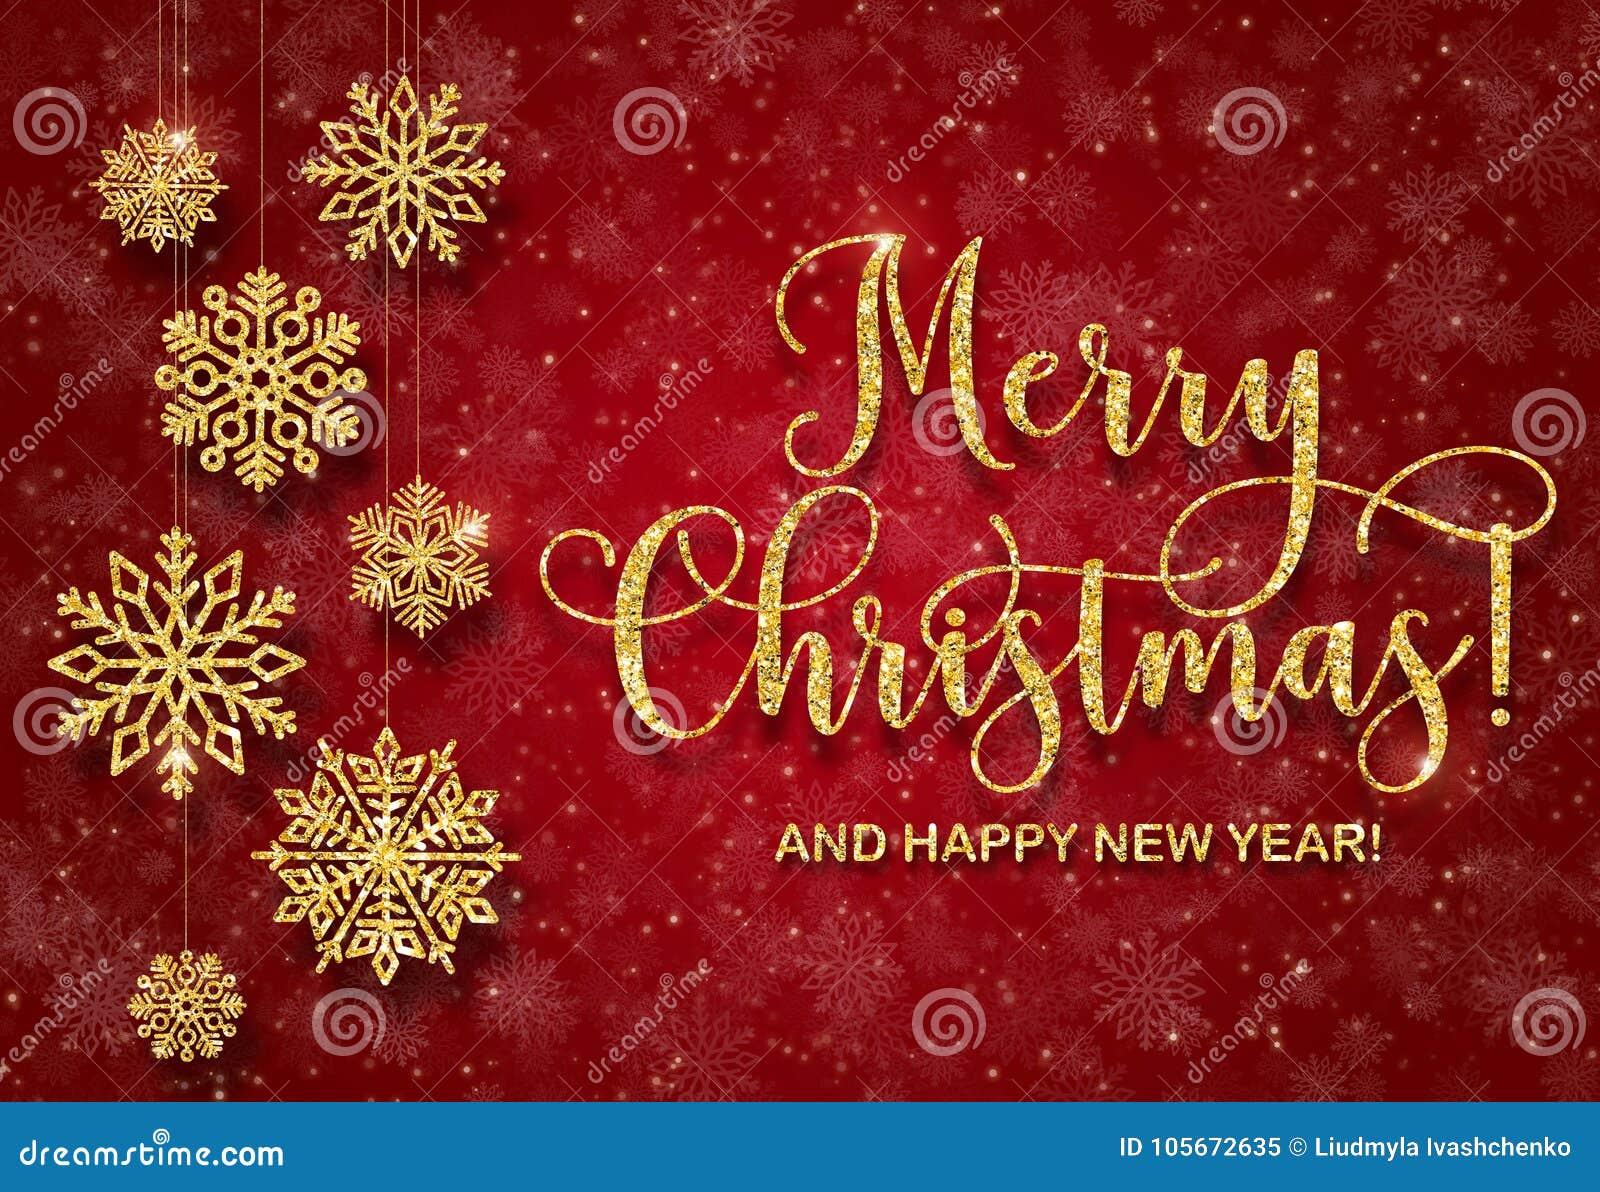 Ευχετήρια κάρτα με το χρυσό κείμενο σε ένα κόκκινο υπόβαθρο Ακτινοβολήστε Χαρούμενα Χριστούγεννα και καλή χρονιά